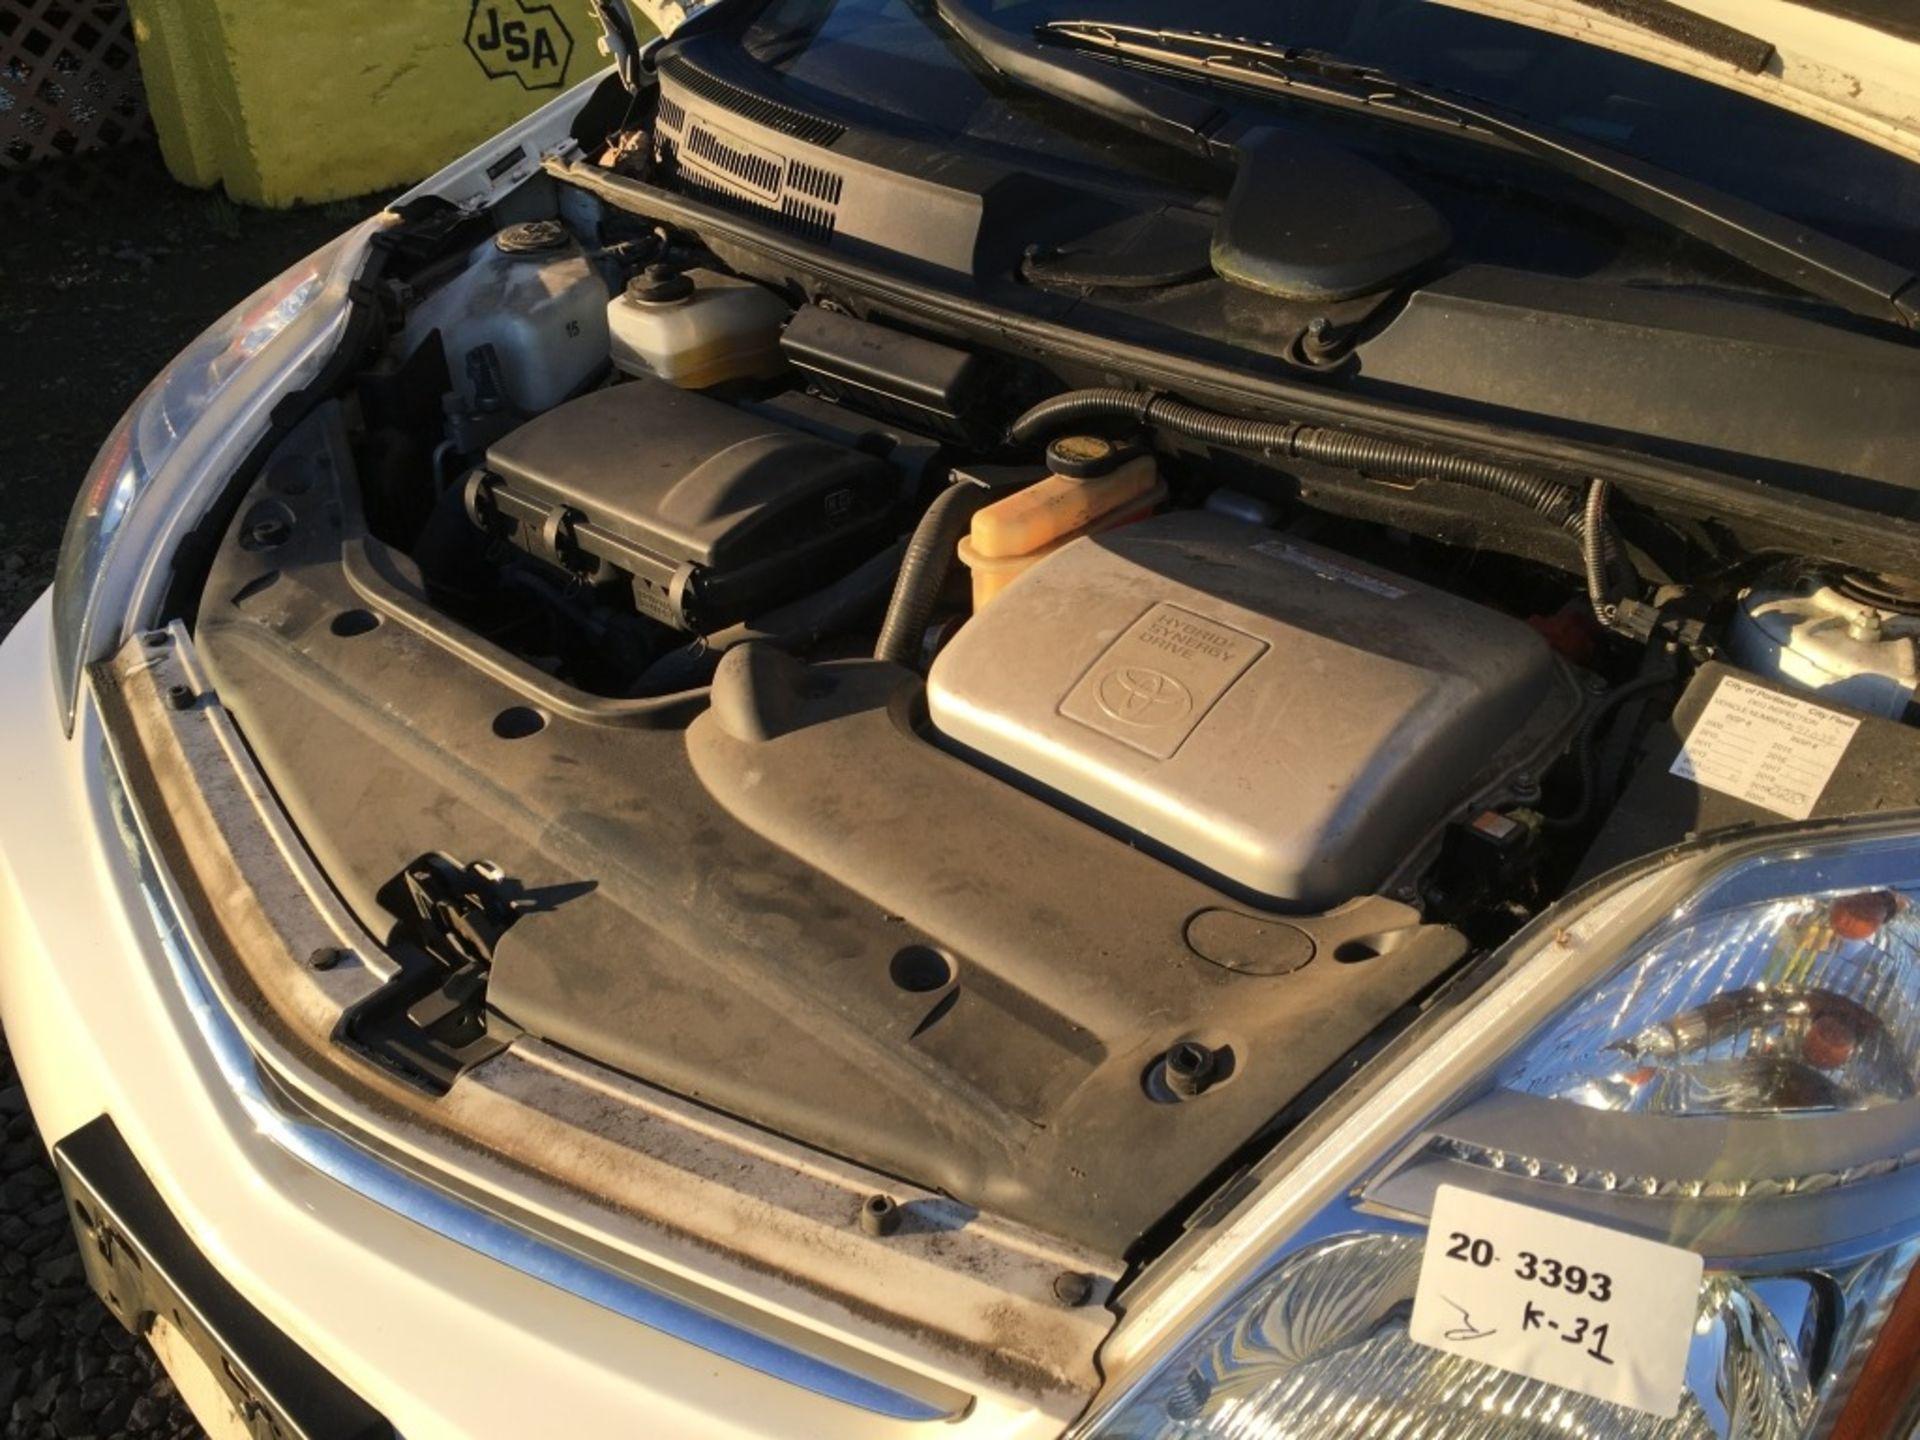 2009 Toyota Prius Sedan - Image 18 of 18